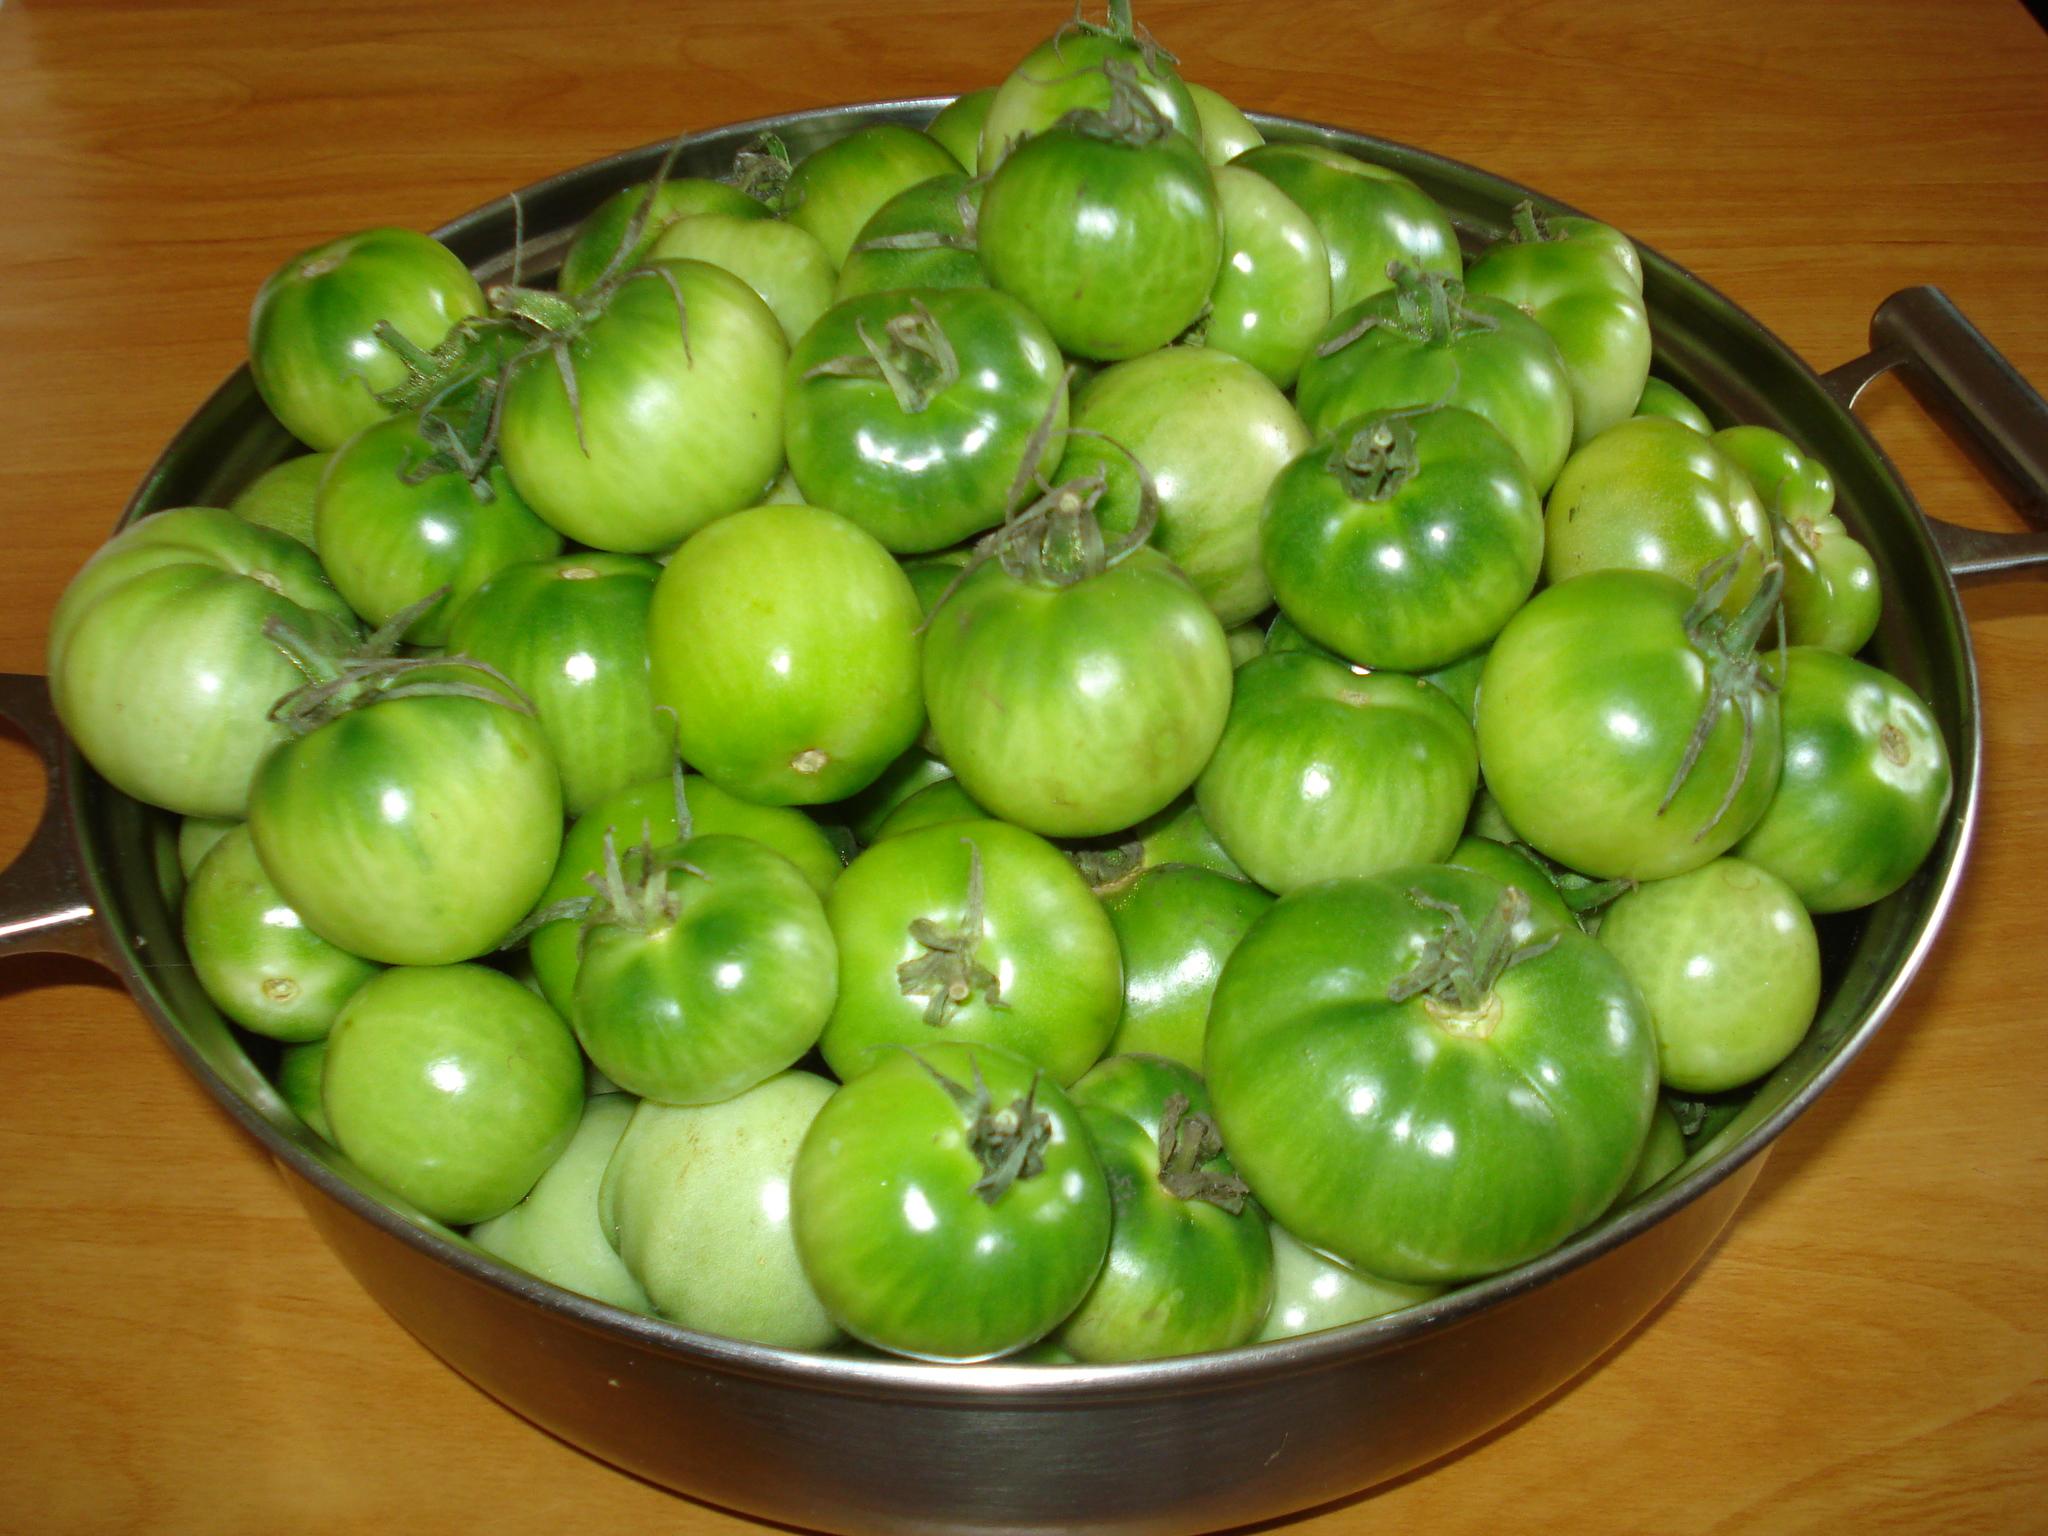 Зеленые мелкие помидоры в чашке на столе